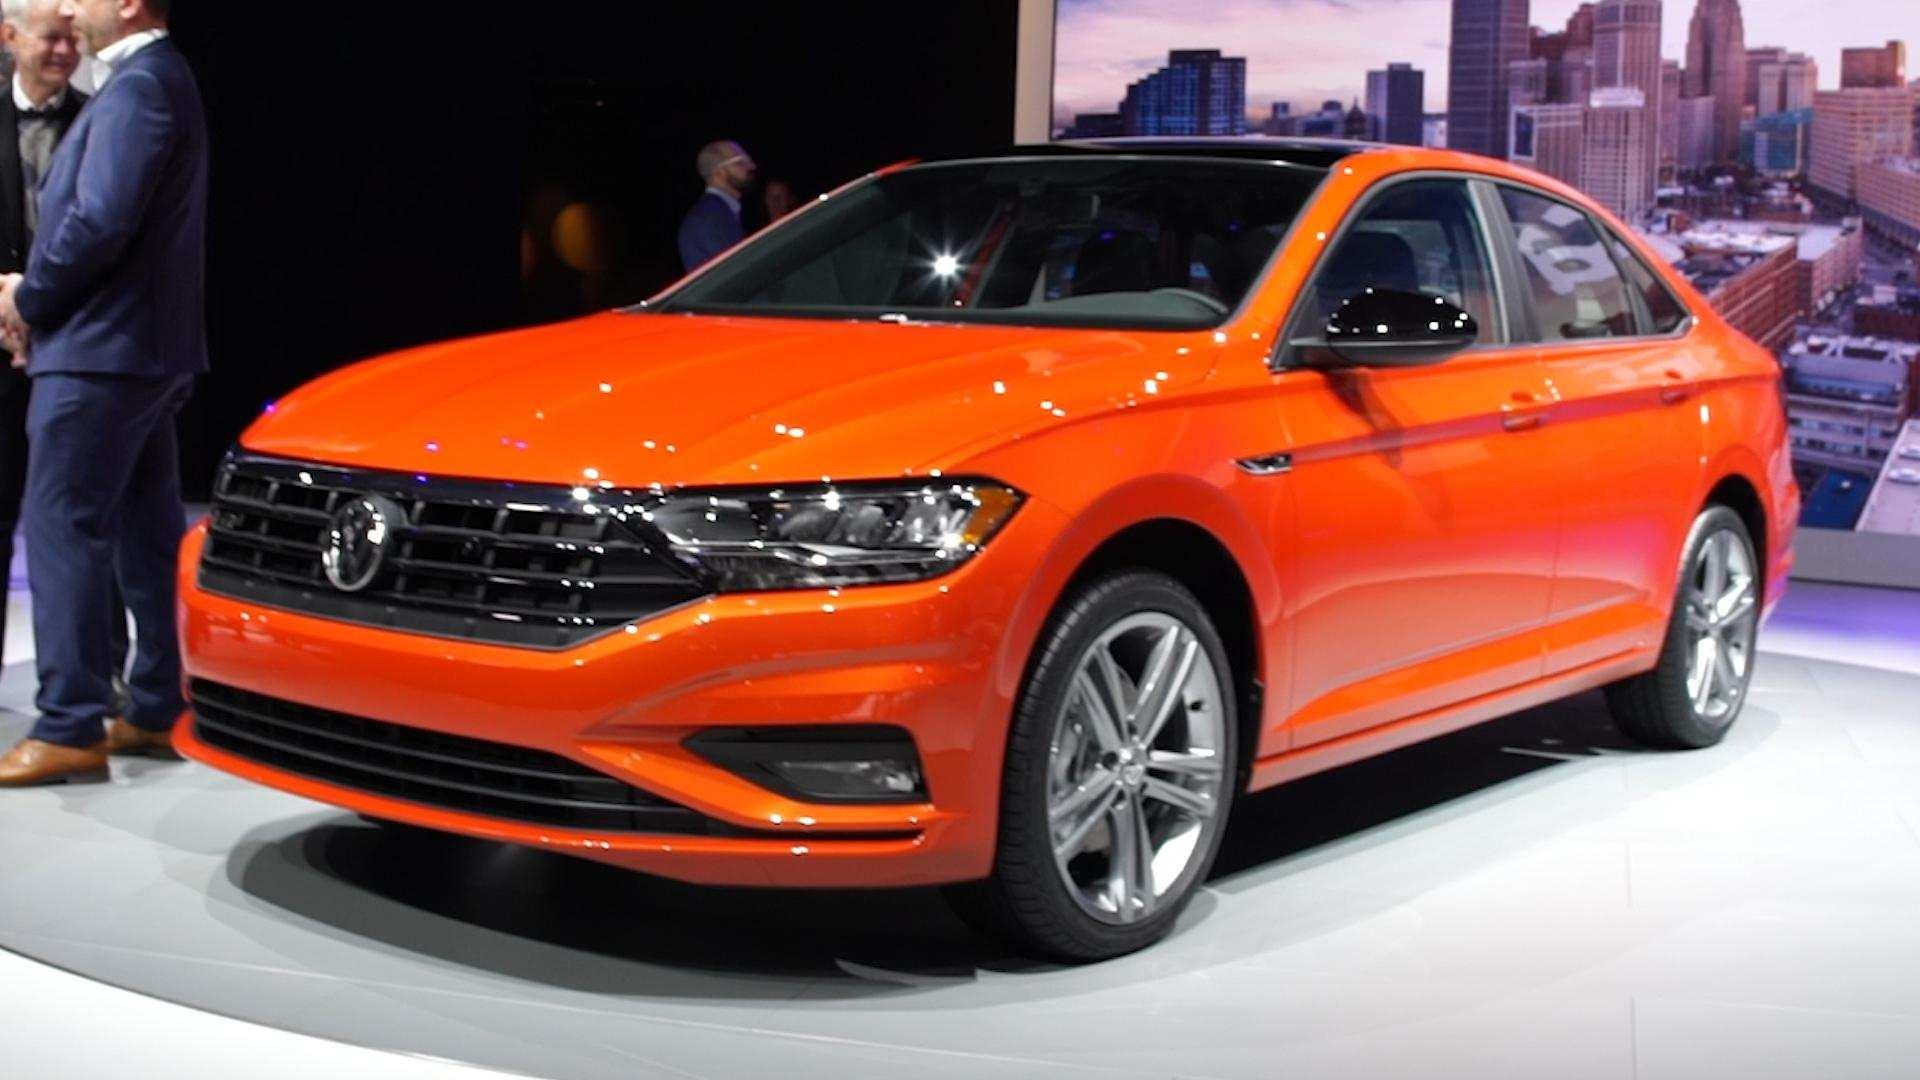 45 New Volkswagen 2019 Price Exterior and Interior by Volkswagen 2019 Price